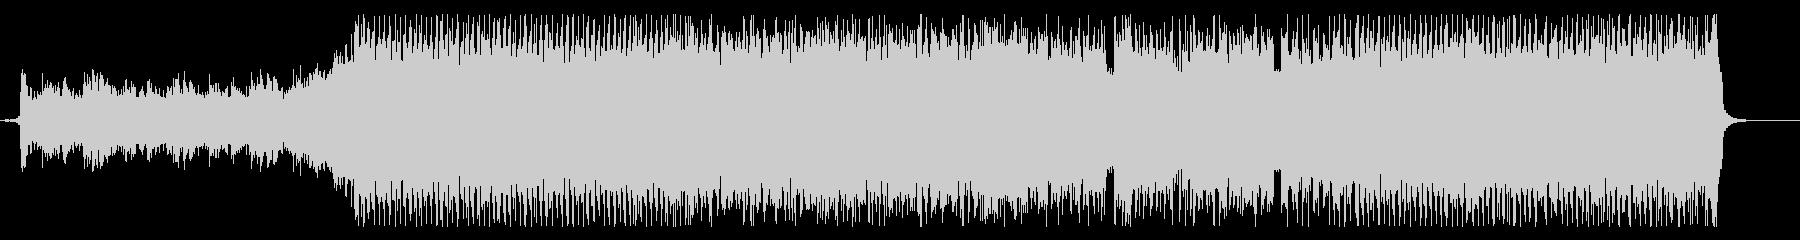 ゴリゴリのハイスピードなヘビィメタルの未再生の波形